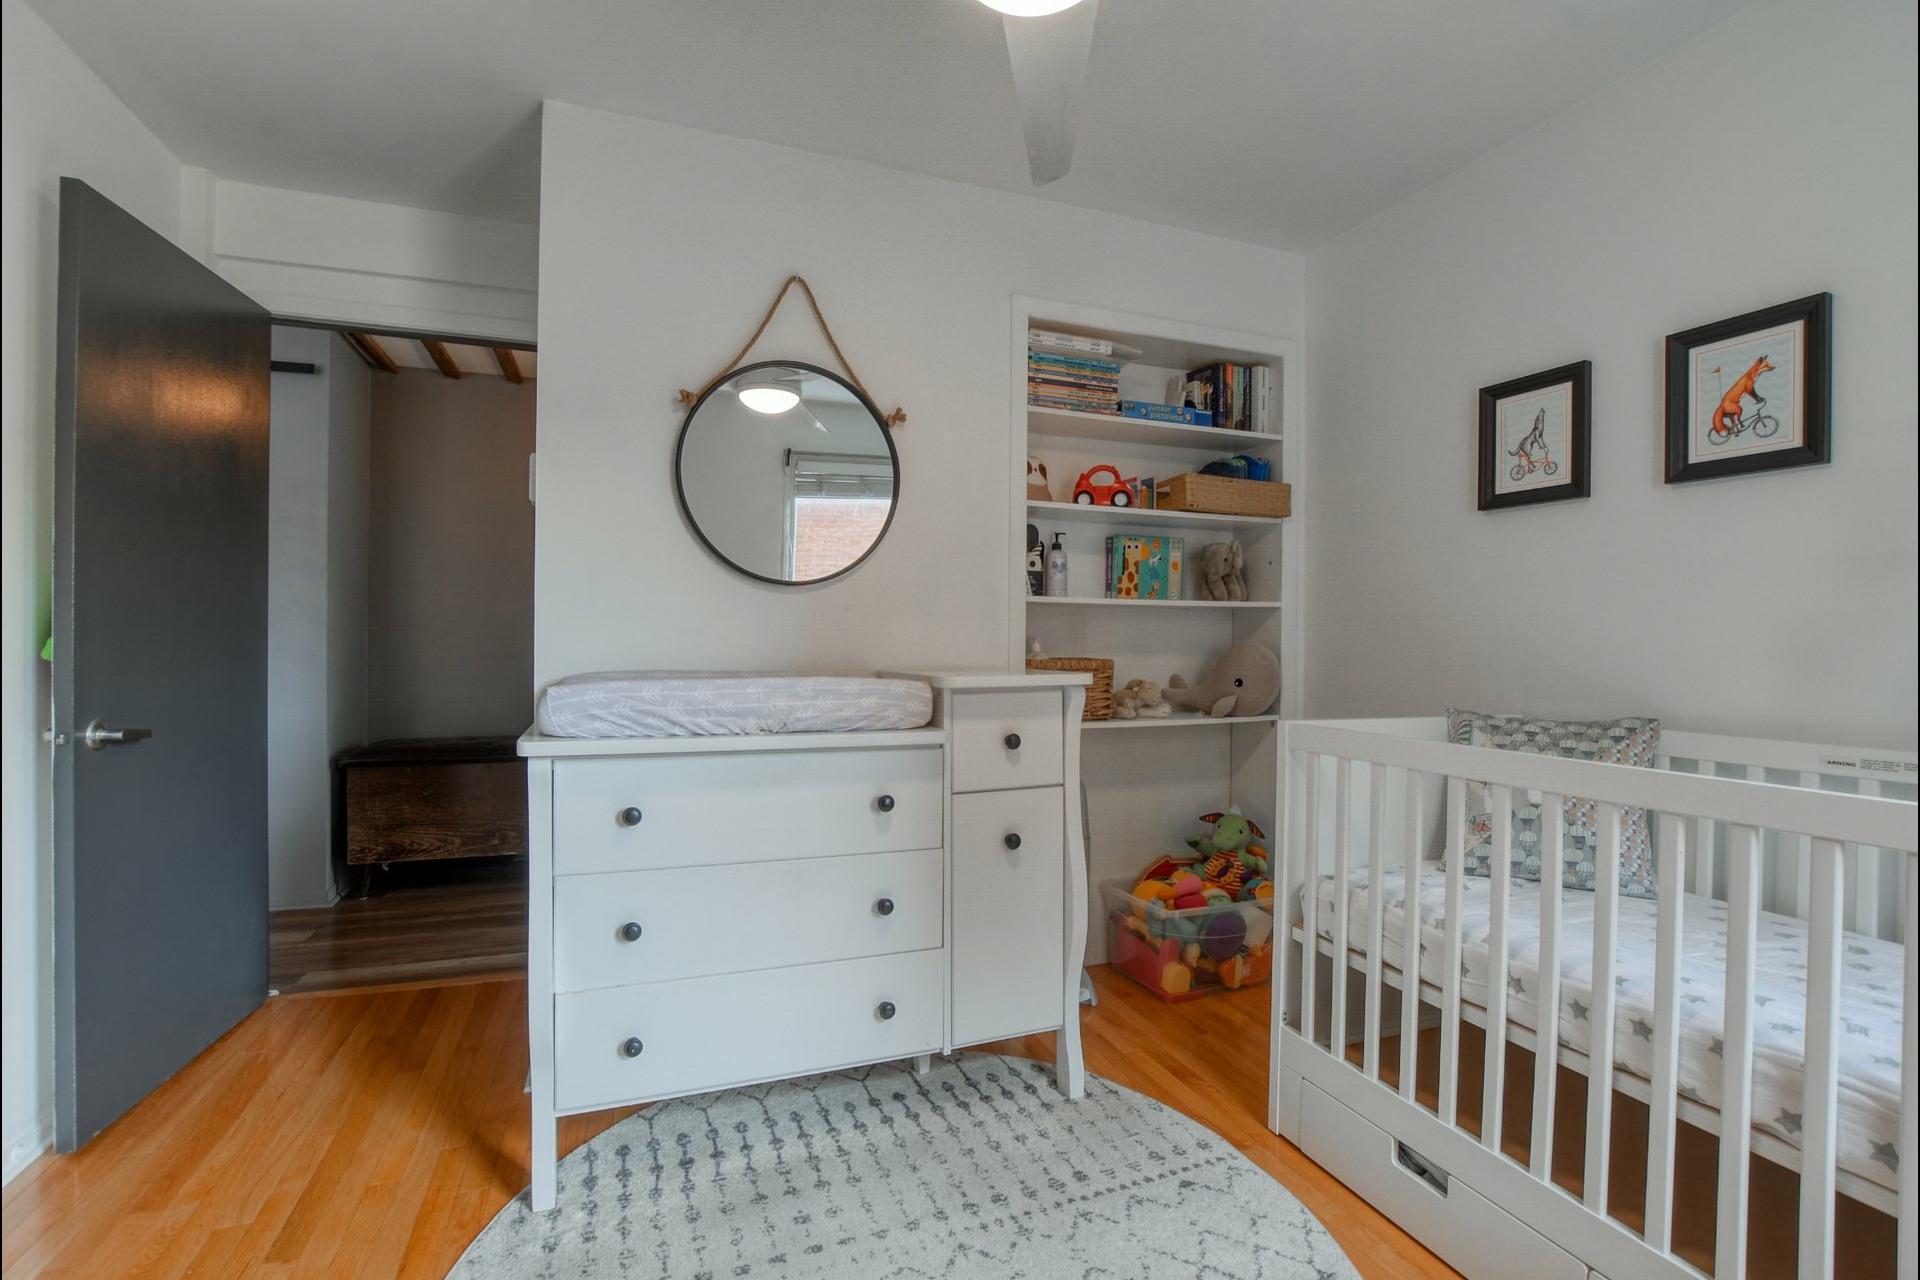 image 16 - Appartement À vendre Ahuntsic-Cartierville Montréal  - 5 pièces